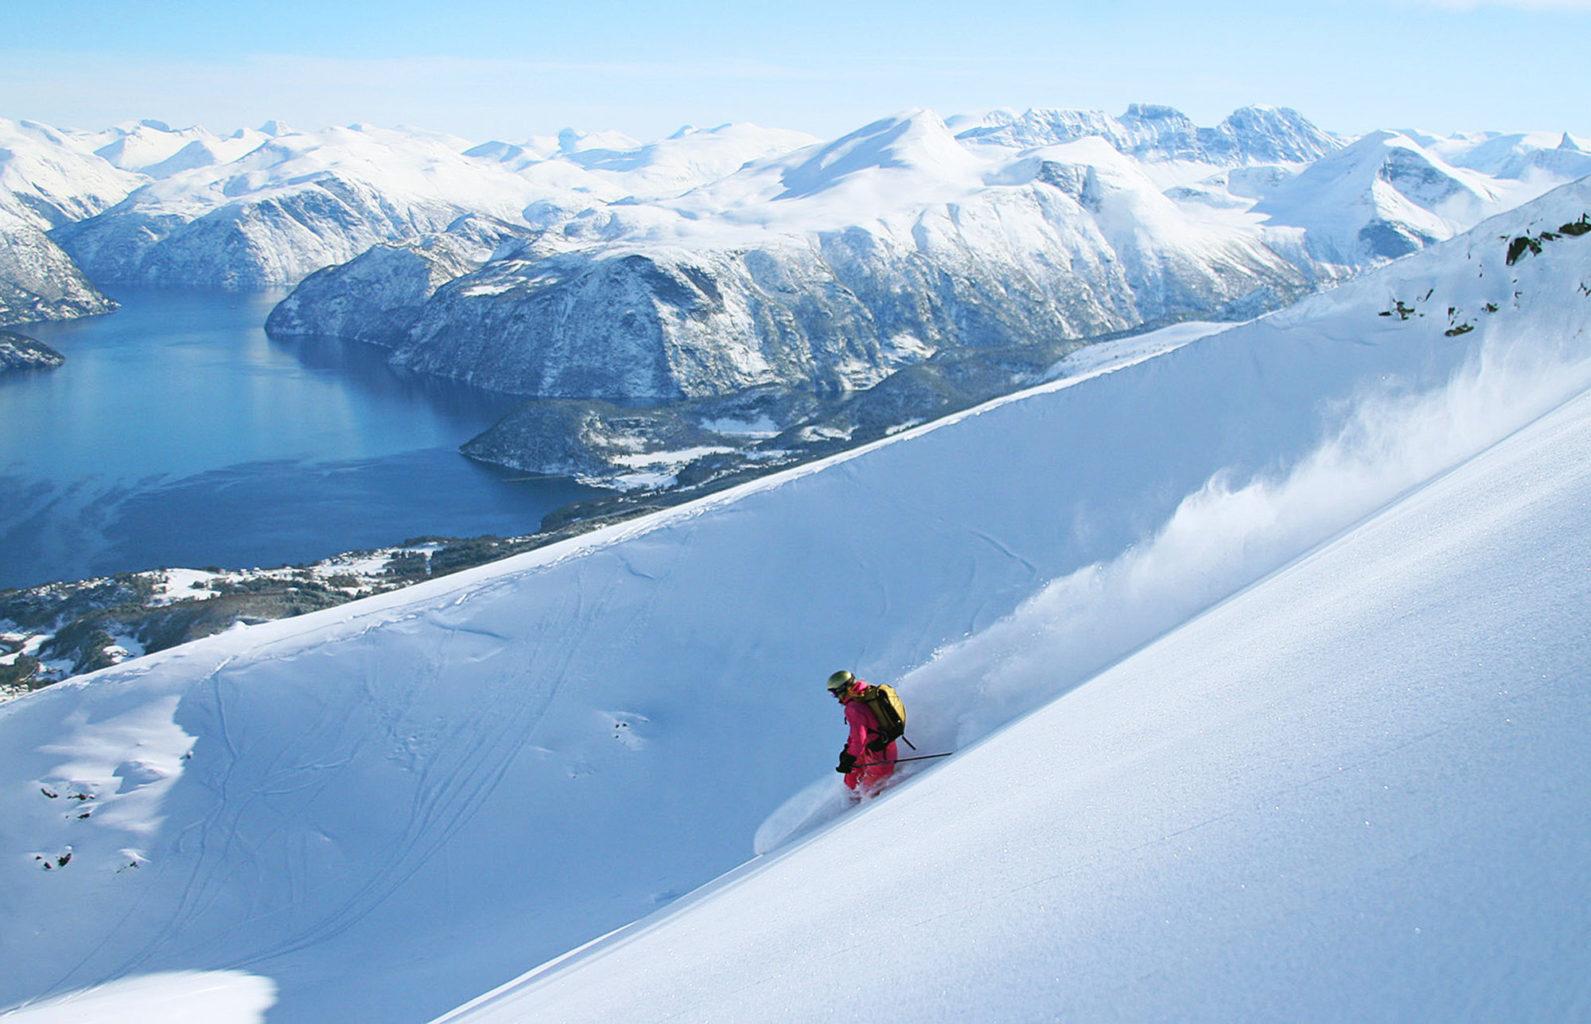 Strandafjellet Ski Resort Foto: Simen Berg